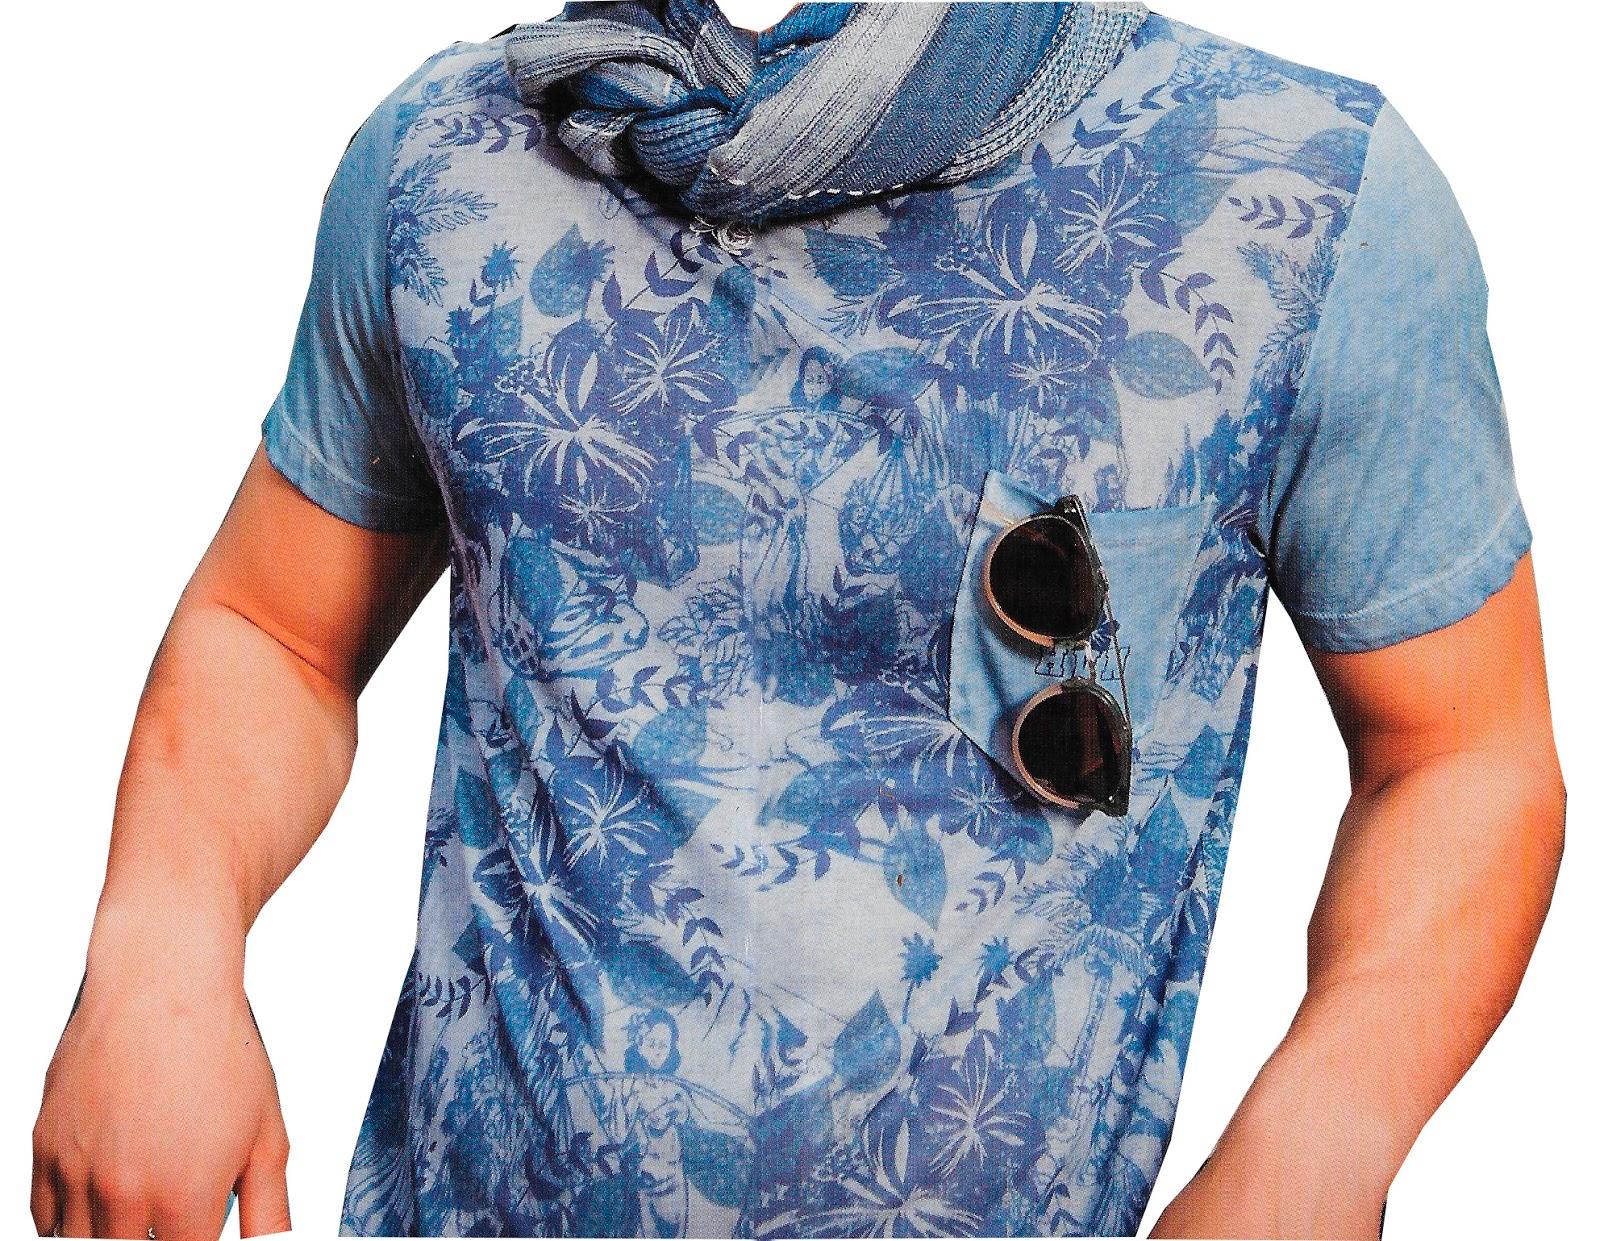 camiseta masculina o de hombre